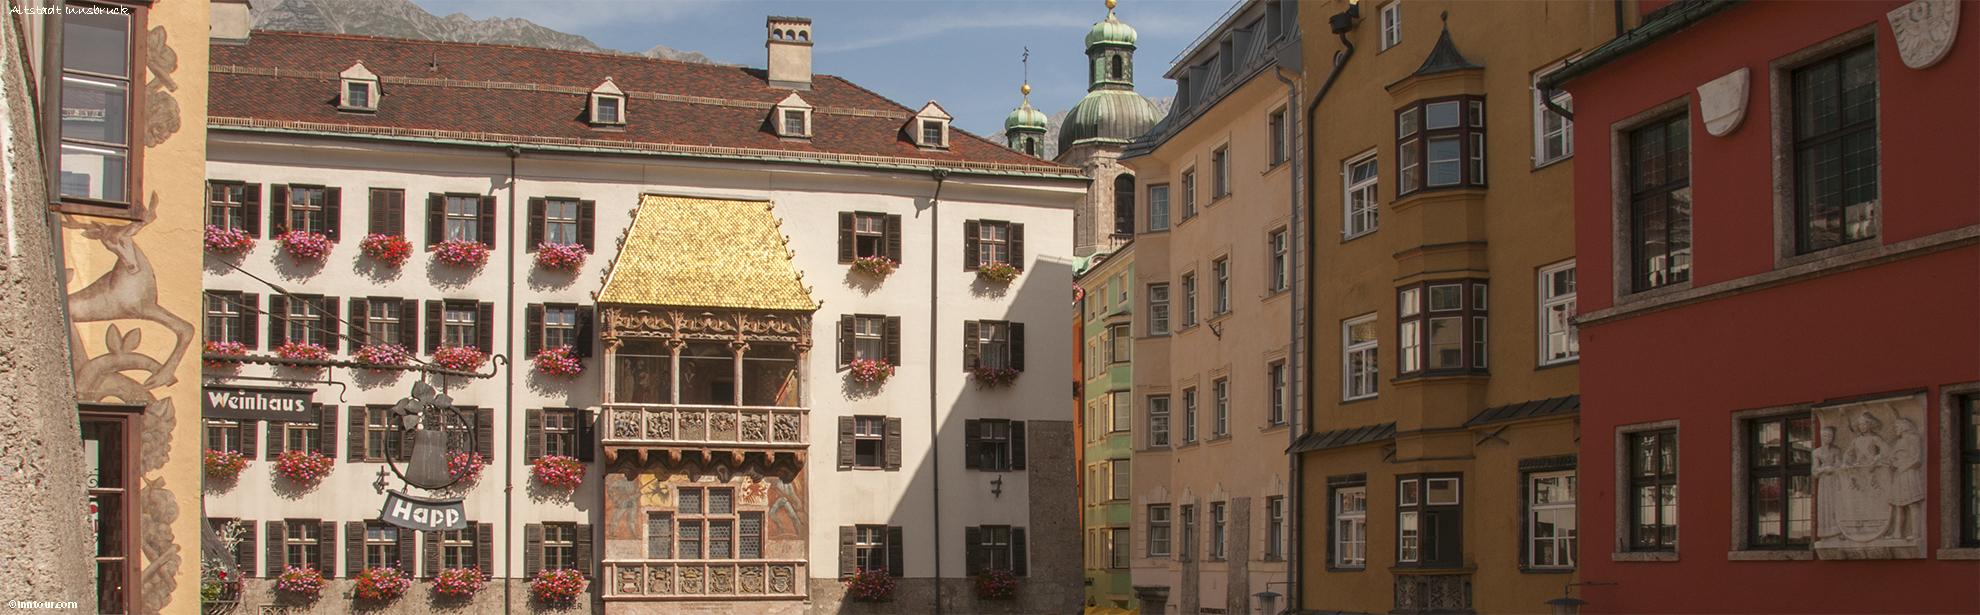 Osportinntour_Innsbruck-Altstadt_DSC_2500-2